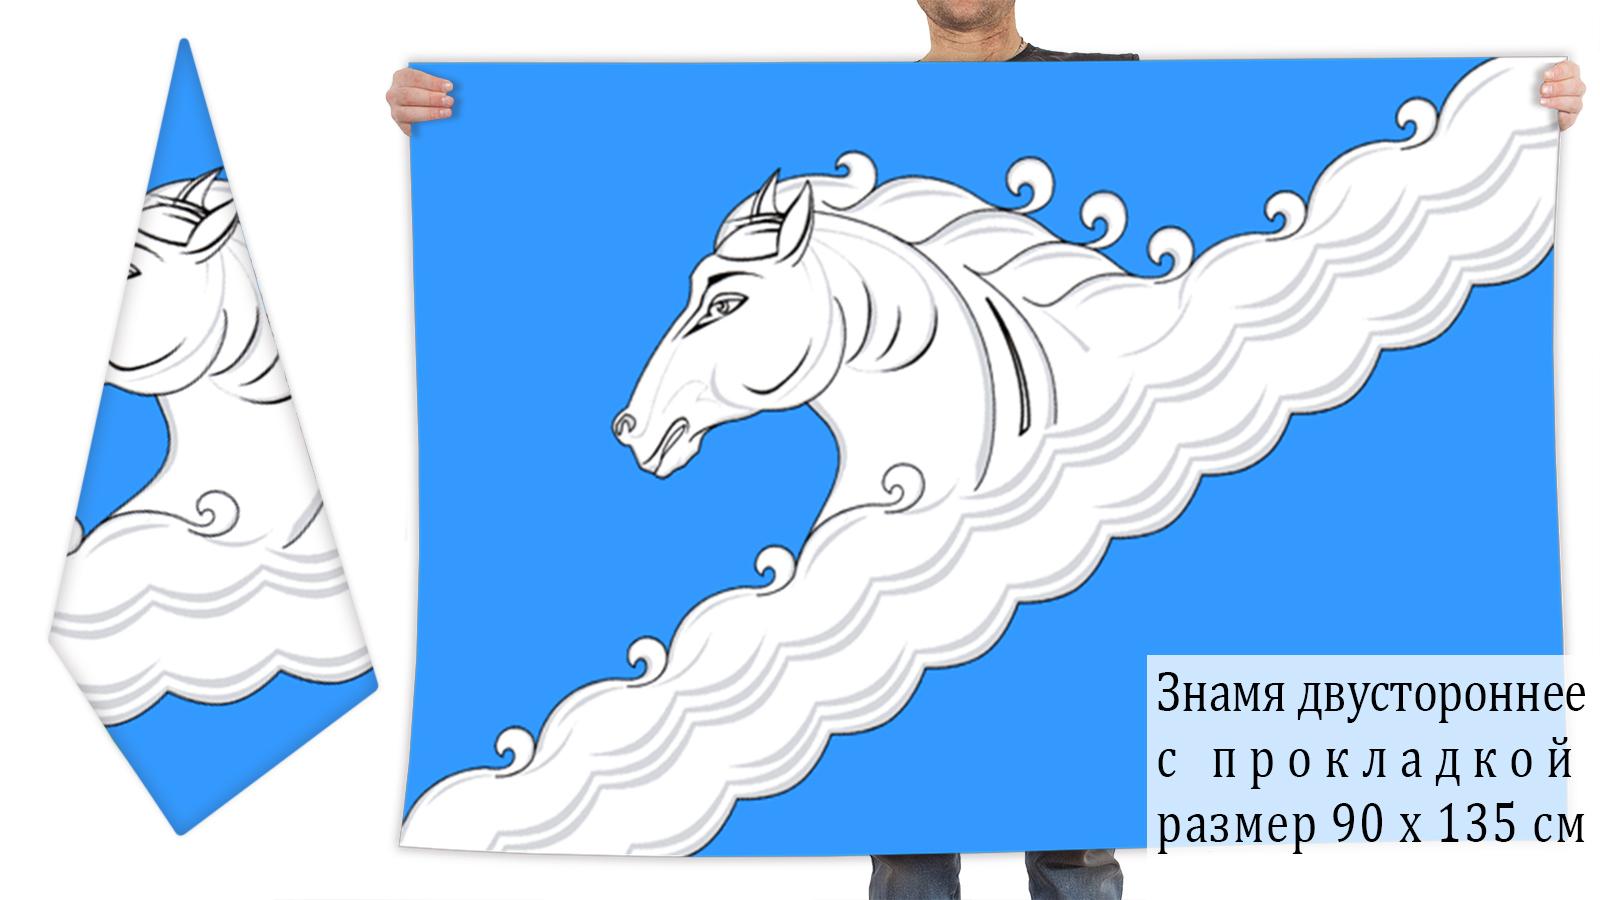 Двусторонний флаг Белореченского района